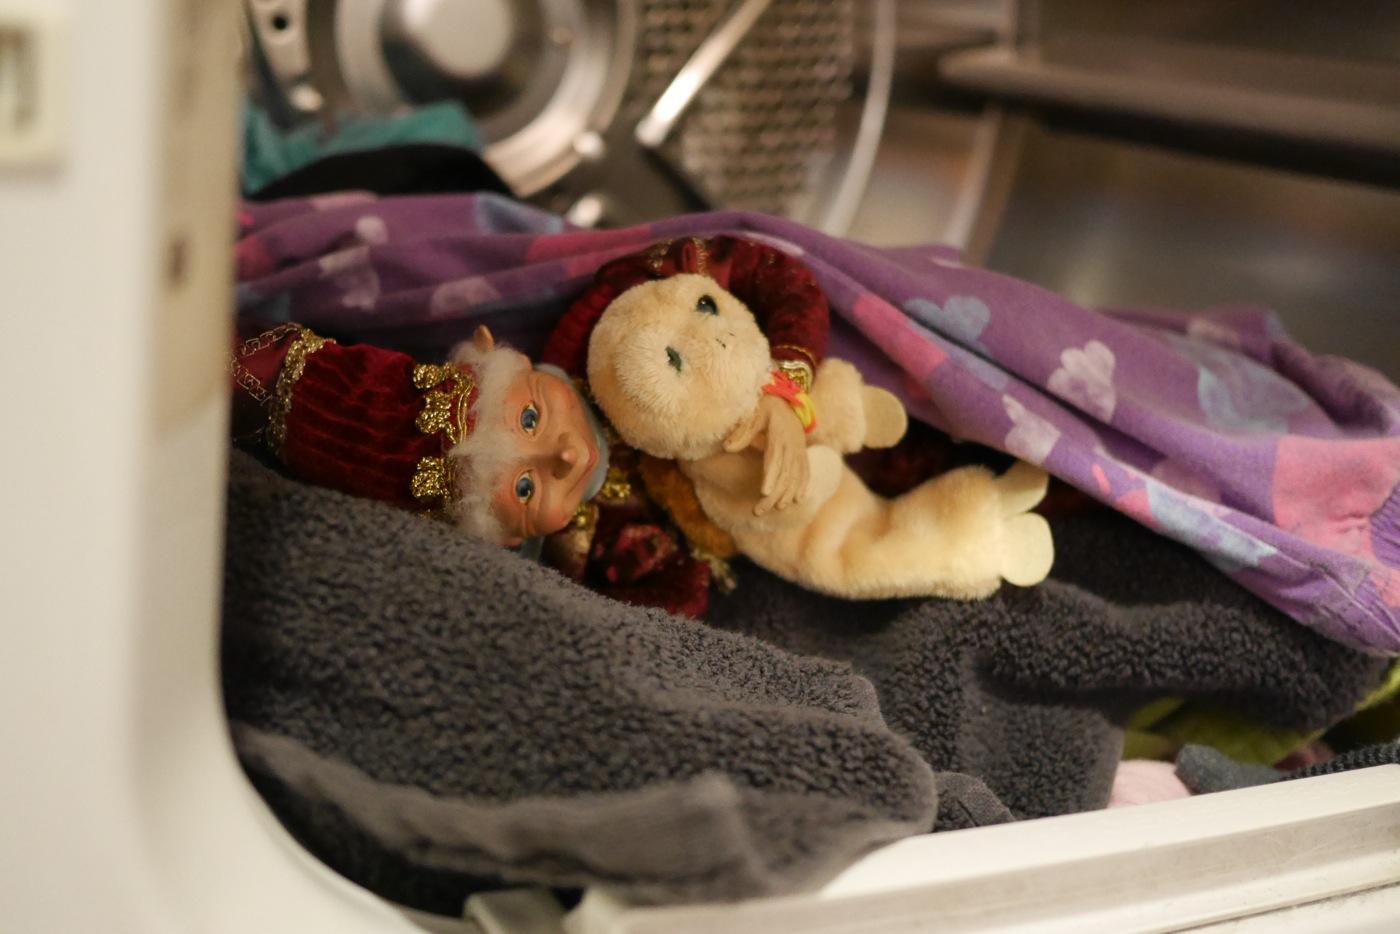 Gourmandé était bien installé pour dormir dans la sécheuse, avec une peluche à sa mesure pour lui tenir compagnie.